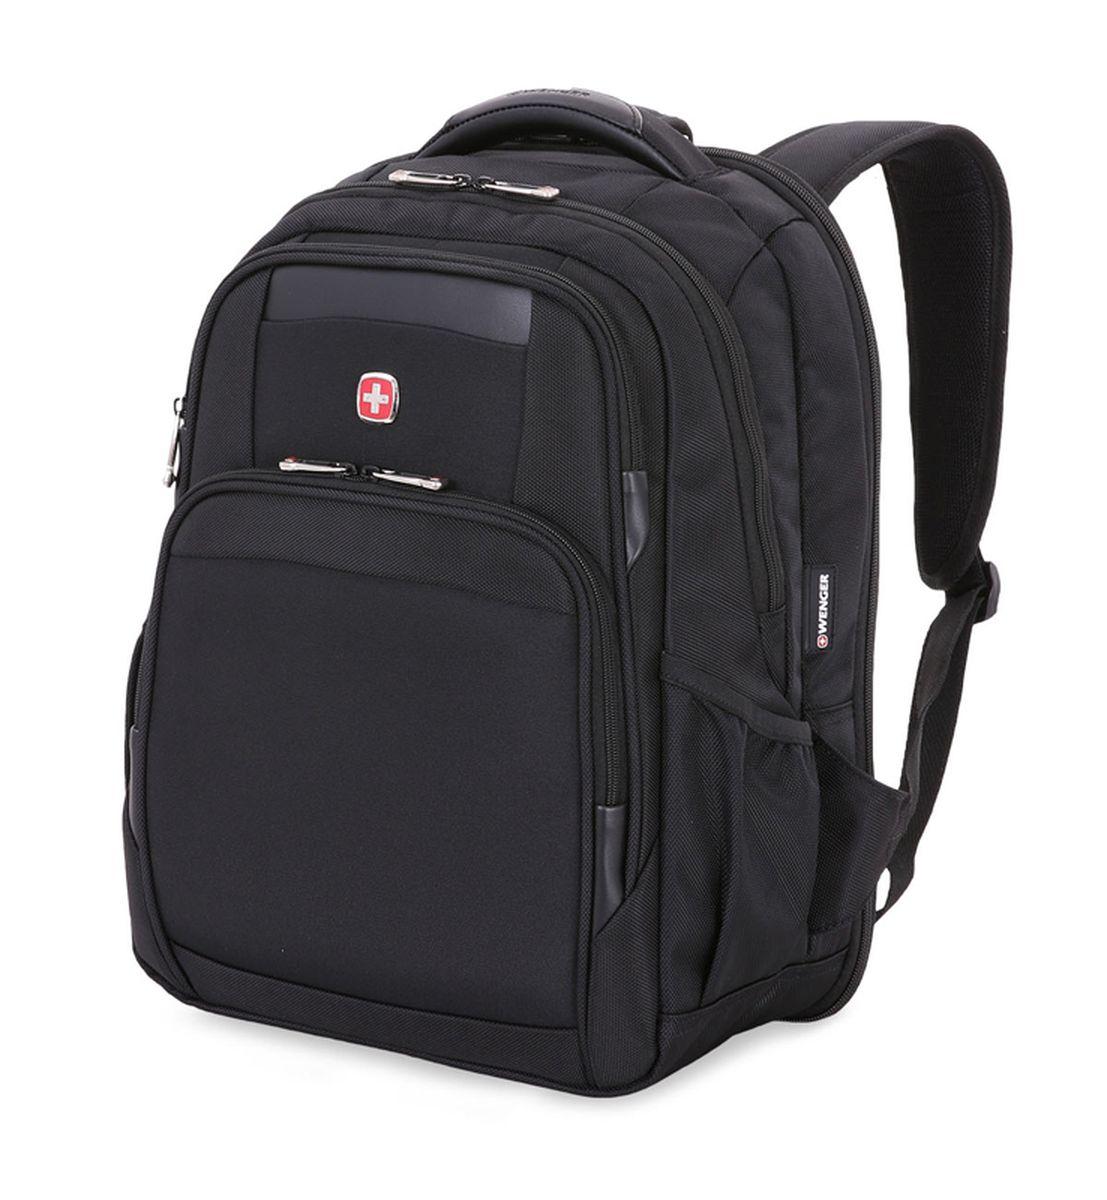 Рюкзак Wenger ScanSmart , цвет: черный. 6392202415BP-001 BKРюкзак Wenger выполнен из высококачественного плотного нейлона. На лицевой стороне расположено два небольших кармана на молниях для мелочей.Изделие имеет боковые карманы для бутылок. Рюкзак имеет боковые карманы для бутылок и рукав для крепления к чемодану. Рюкзак оснащен ручкой для подвешивания и удобными мягкими лямками, длину которых можно изменять с помощью пряжек. Рельефная спинка с системой циркуляции воздуха гарантирует поддержку спины, а встроенная петля обеспечивает удобное крепление рюкзака с другими сумками. Рюкзак имеет два вместительных отделений и застегивается с помощью молнии. Внутри расположено отделение для ноутбука с мягкими стенками,отделение для планшета иорганайзер для мелких предметов, который вмещает в себя ключницу и многочисленные кармашки для ручек, мобильного телефона, документов и карты памяти.